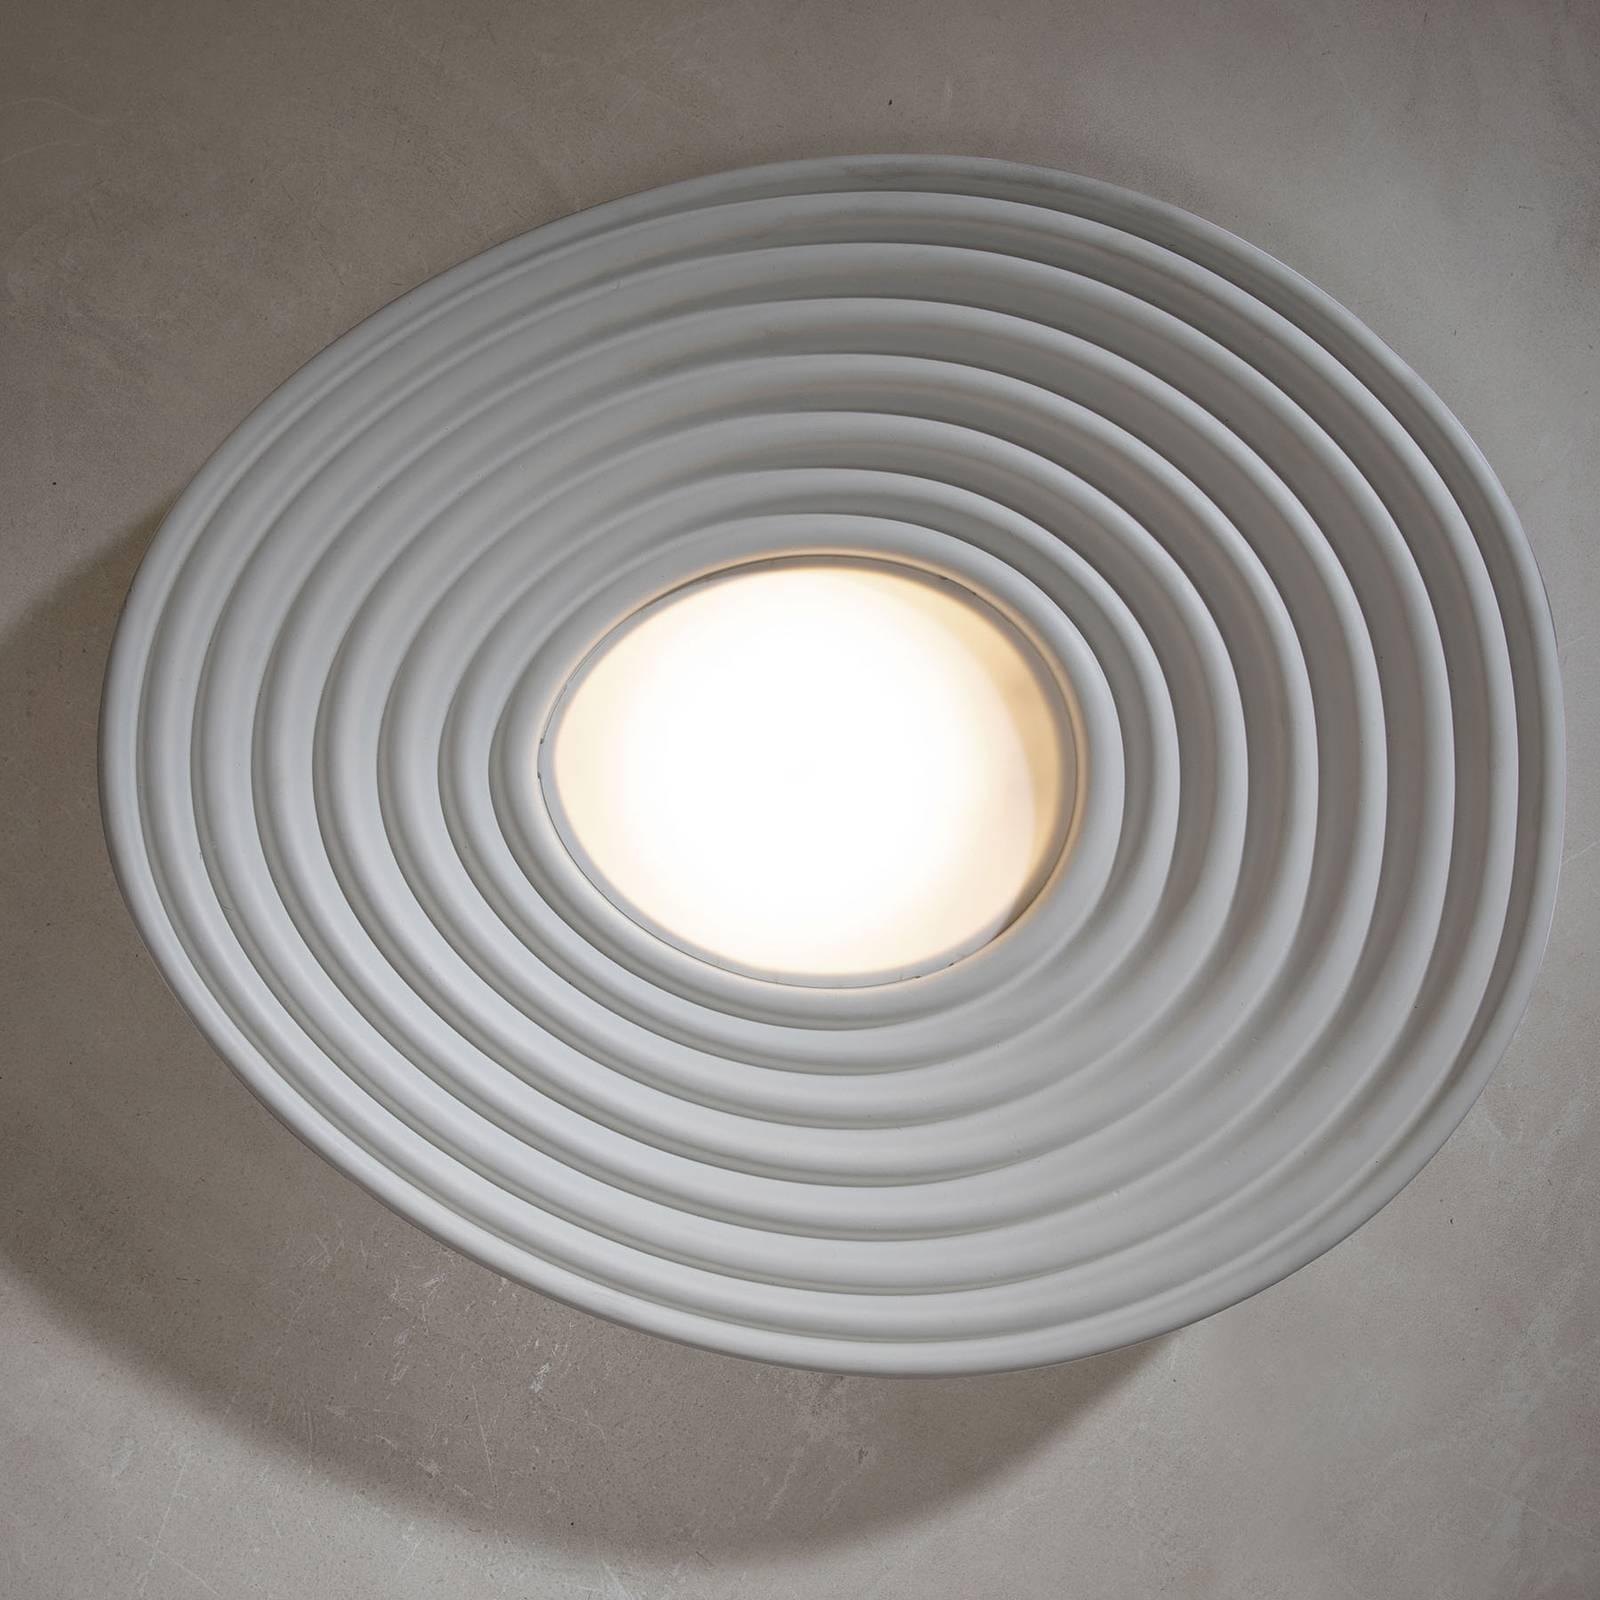 Karman R.O.M.A. LED-kattovalaisin 2 700 K